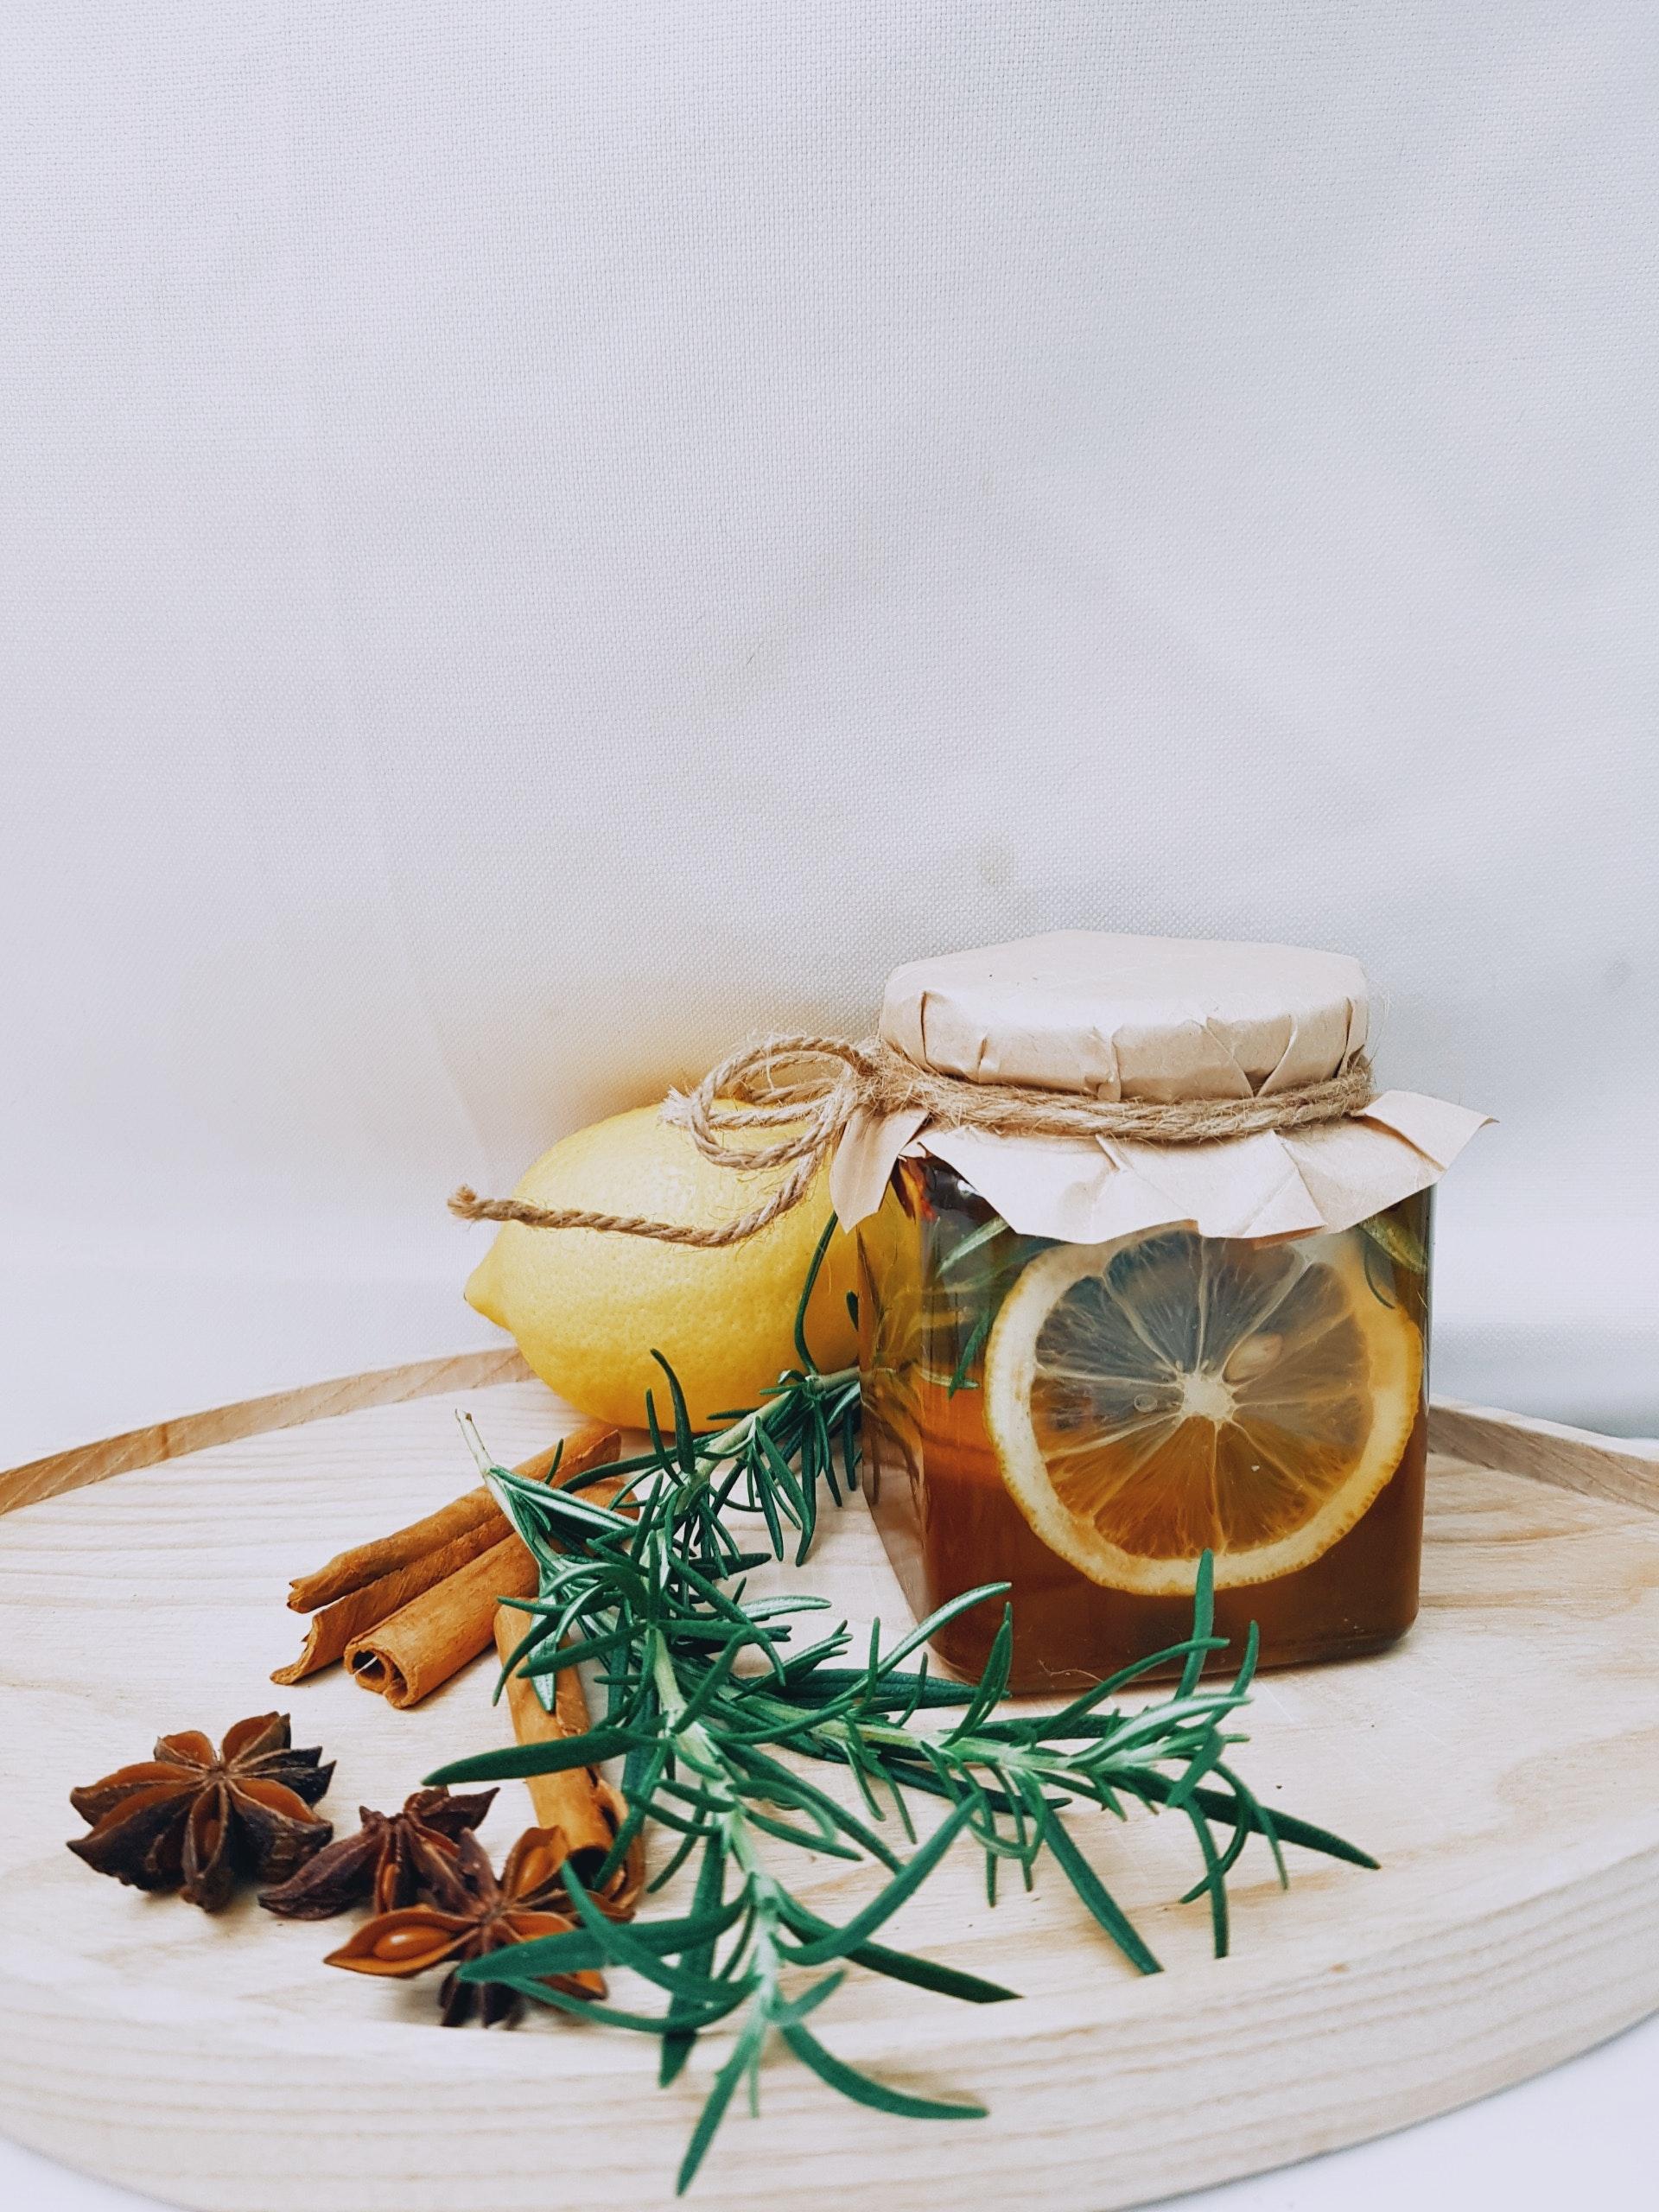 Dans cette rubrique vous découvrirez les bienfaits des produits de la ruche sur votre santé. Vous y trouverez toutes les vertus naturelles du miel et des produits de la ruche sur votre corps, mais également des articles plus précis sur des thèmes particuliers, tels que le miel et le diabète, nos conseils et remède de grand-mère, puis sur la relation du miel et du sport qui intéressera plus d'un sportif.